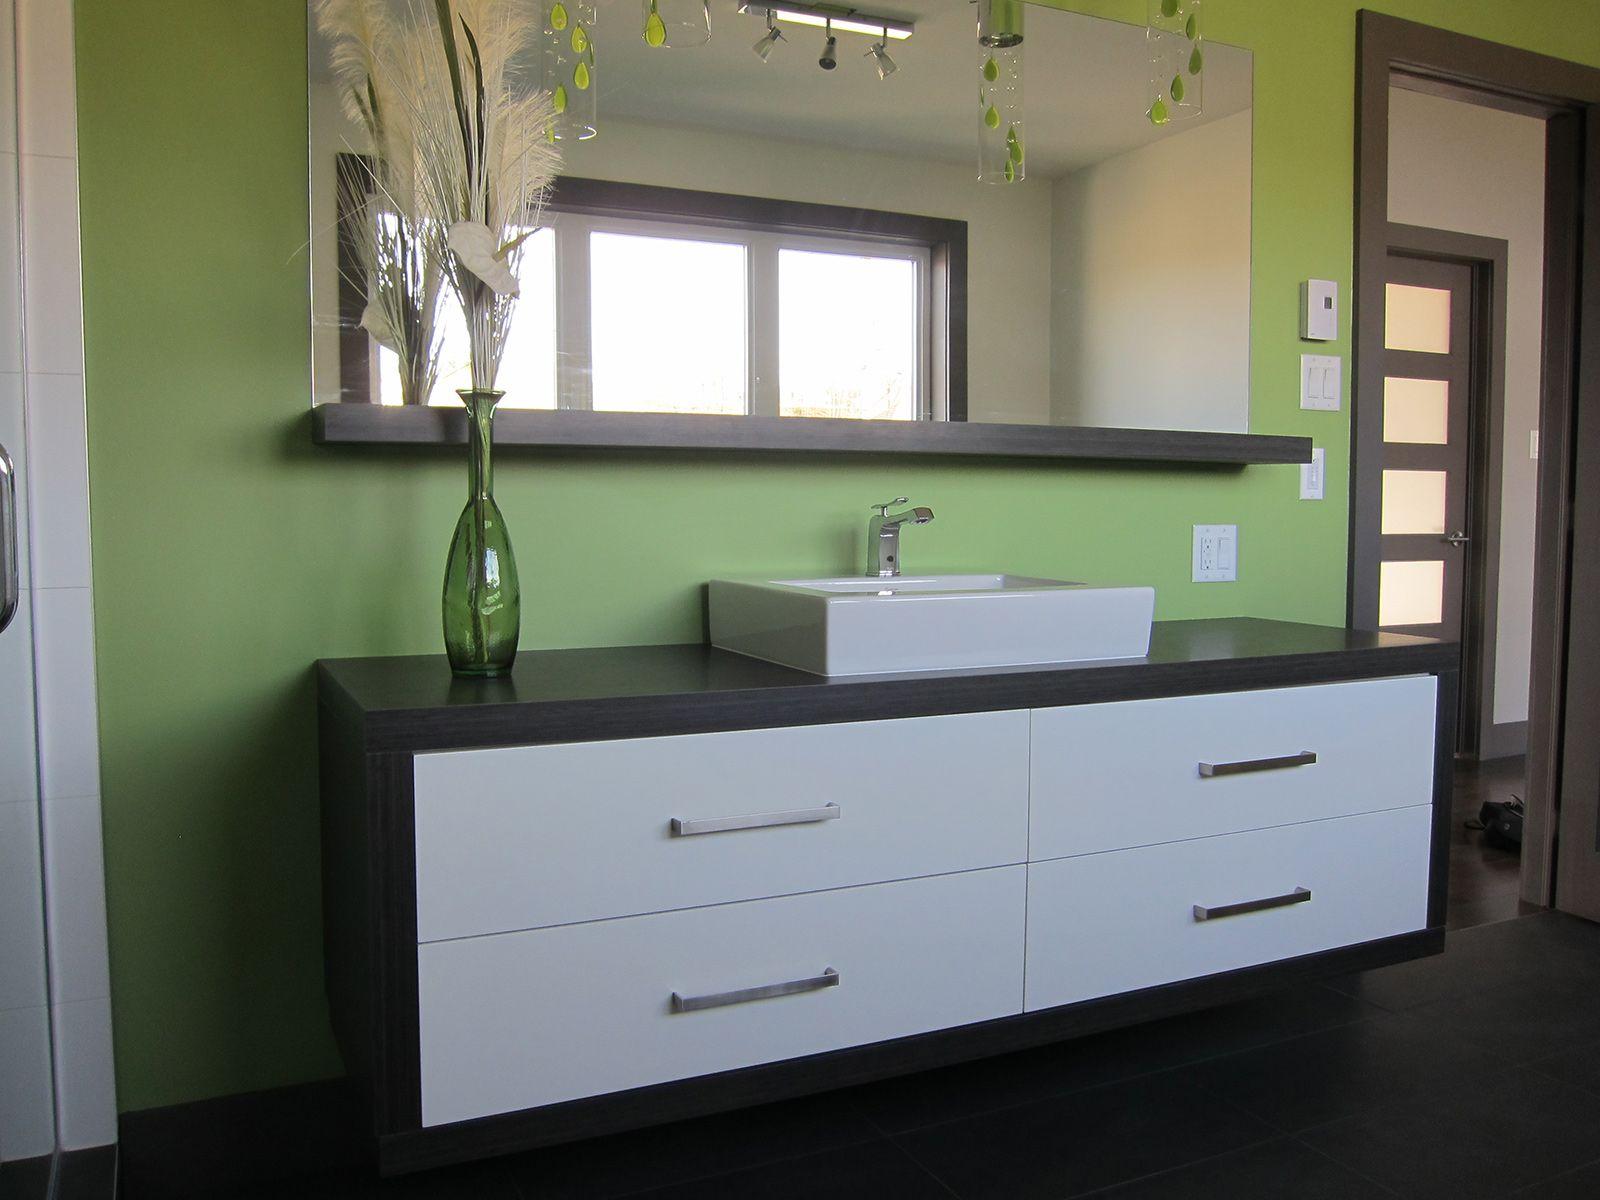 Salle de bains contemporaine griffe cuisine for Stratifie hydrofuge salle de bain